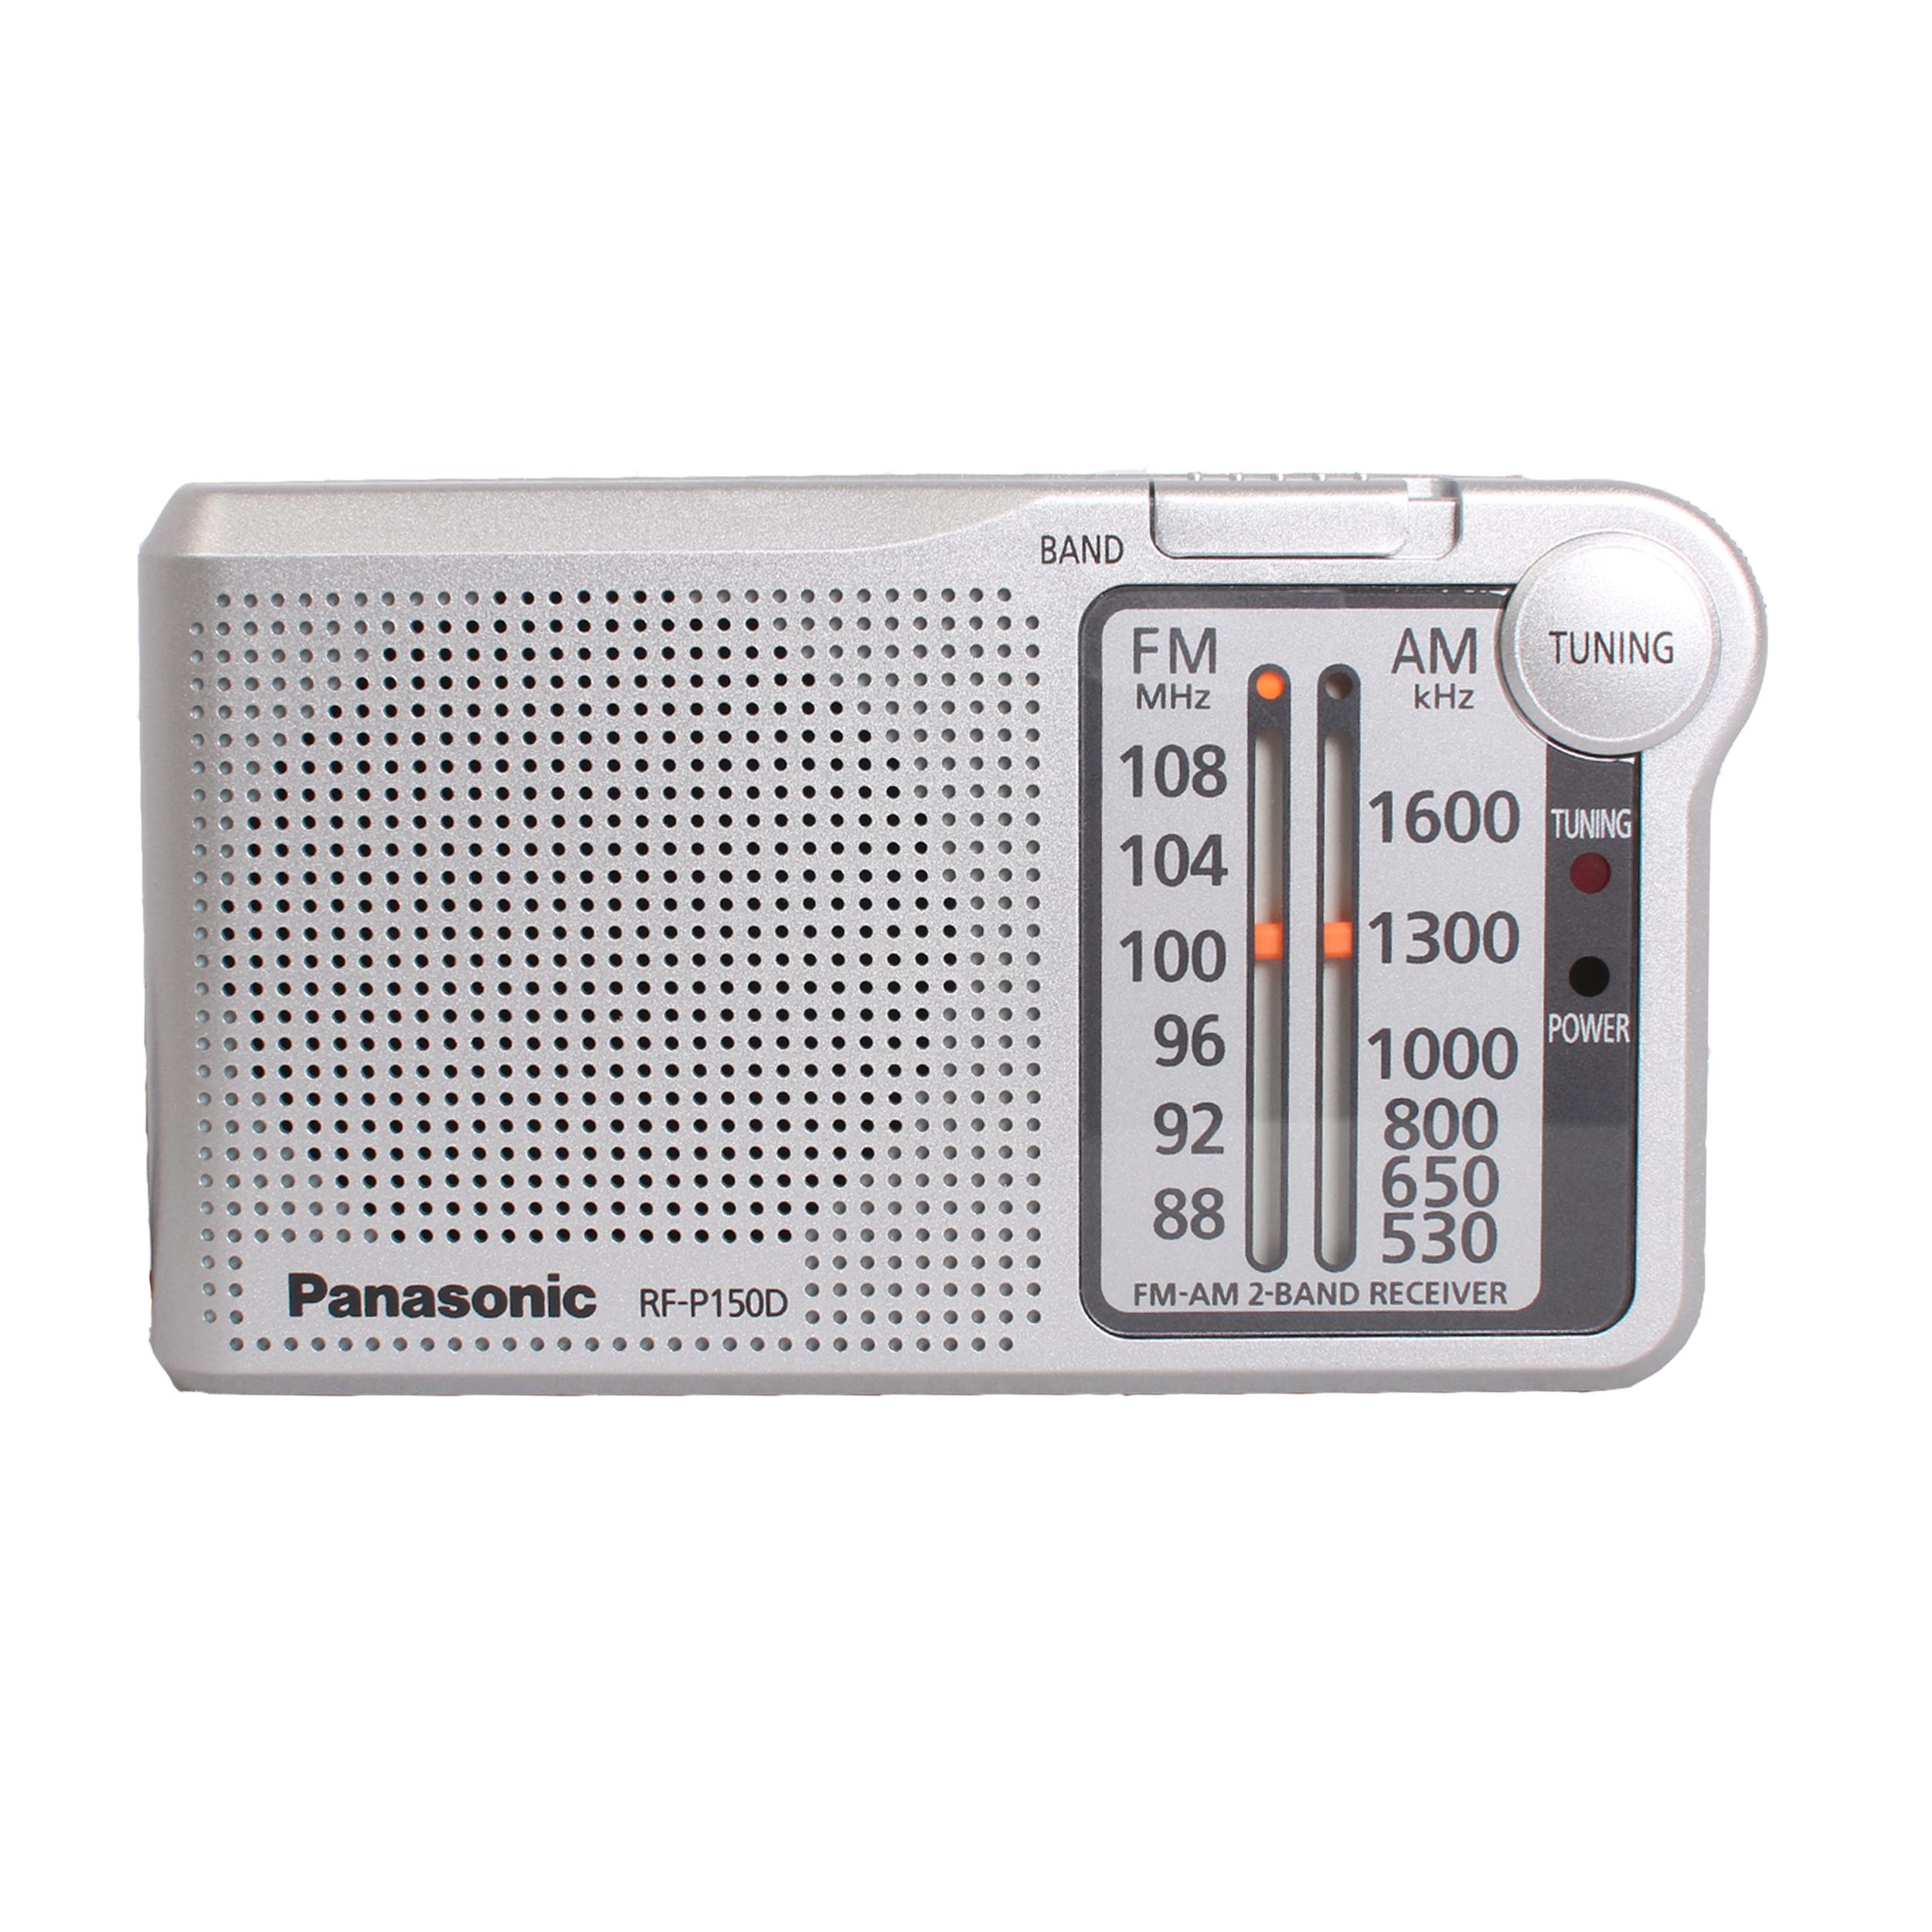 رادیو پاناسونیک مدل RF-P150D